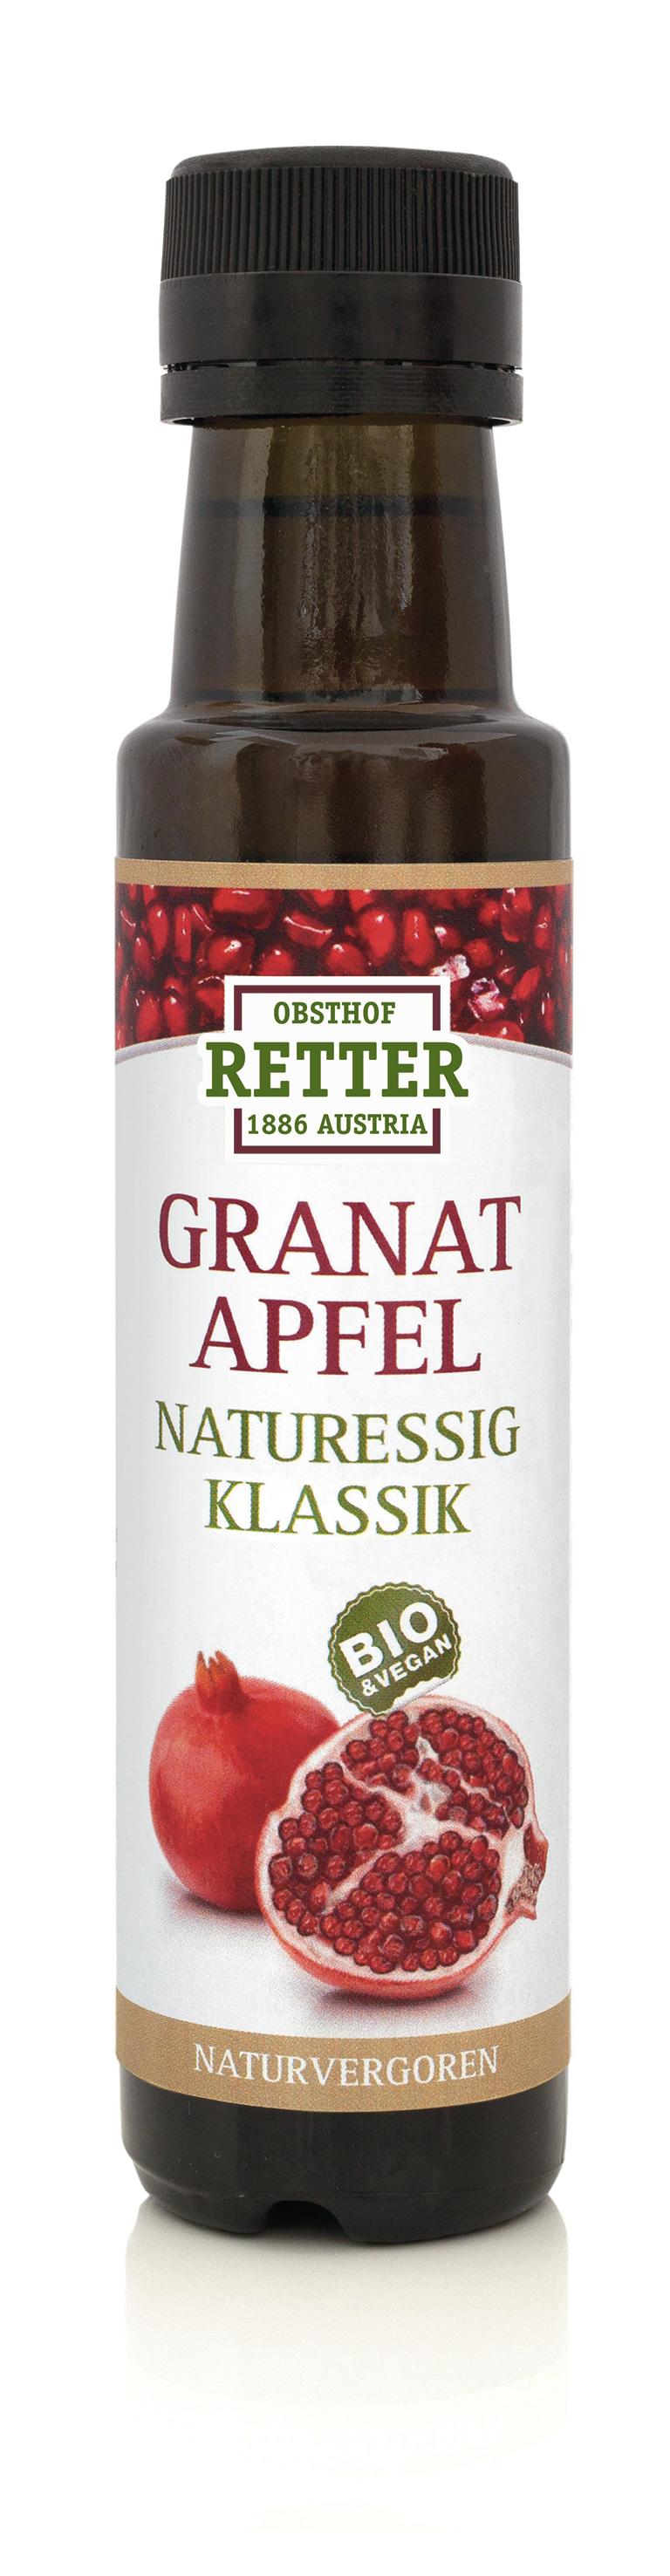 BIO Granatapfel Naturessig,  mind. 1 Jahr gereift